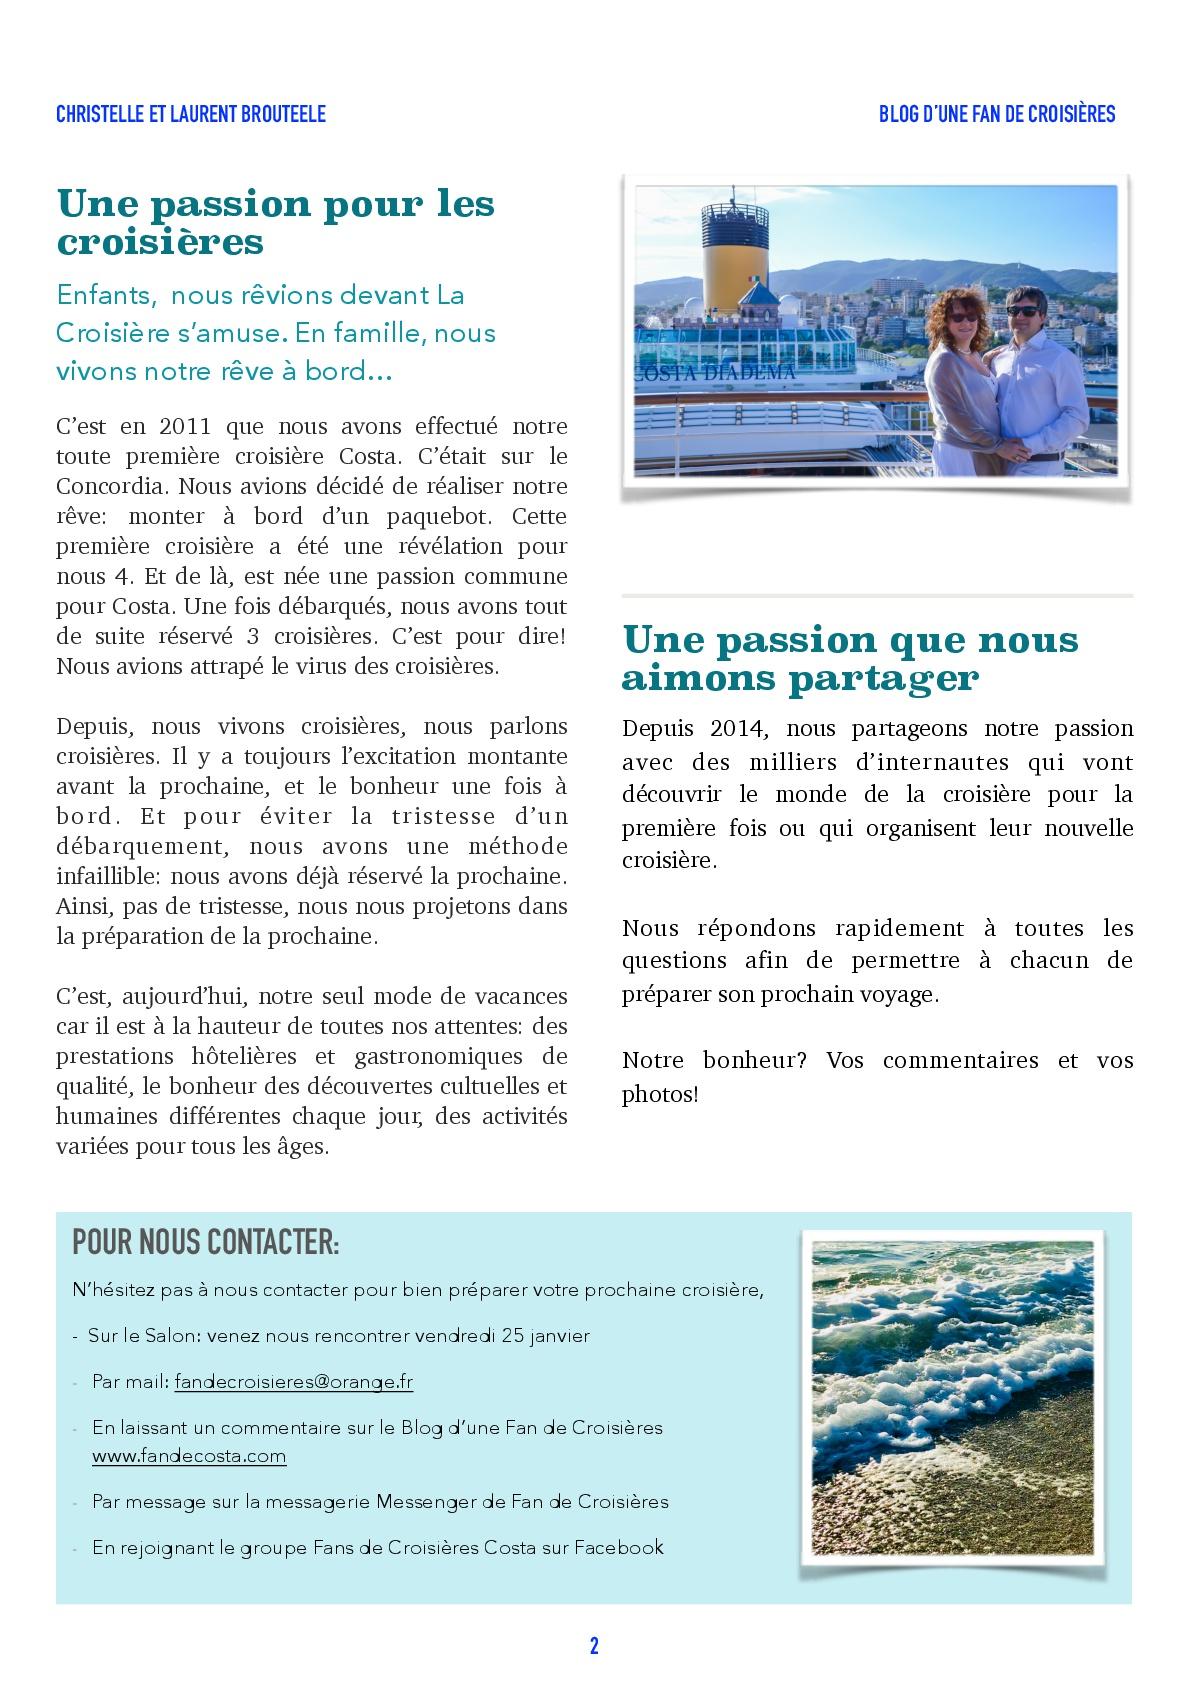 Fan de costa - Coin des blogueurs Lille 2019